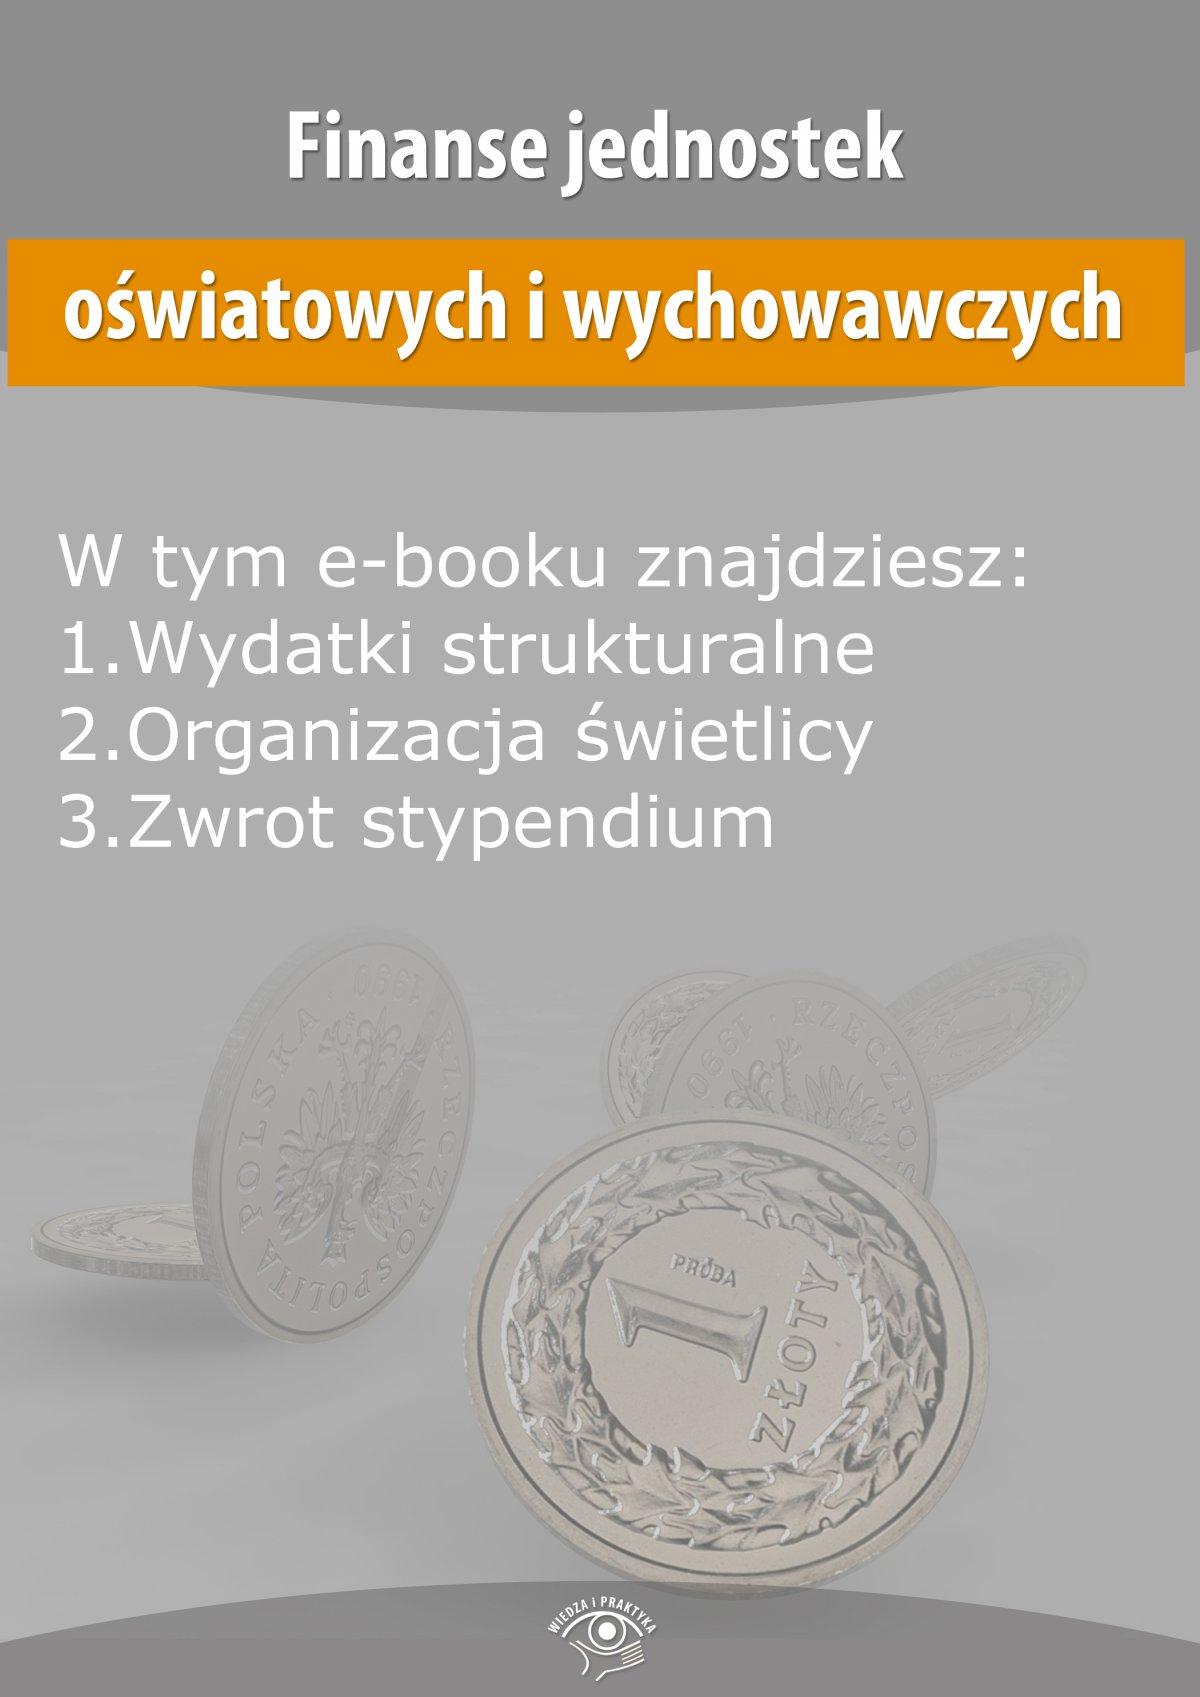 Finanse jednostek oświatowych i wychowawczych, wydanie kwiecień 2014 r. - Ebook (Książka EPUB) do pobrania w formacie EPUB